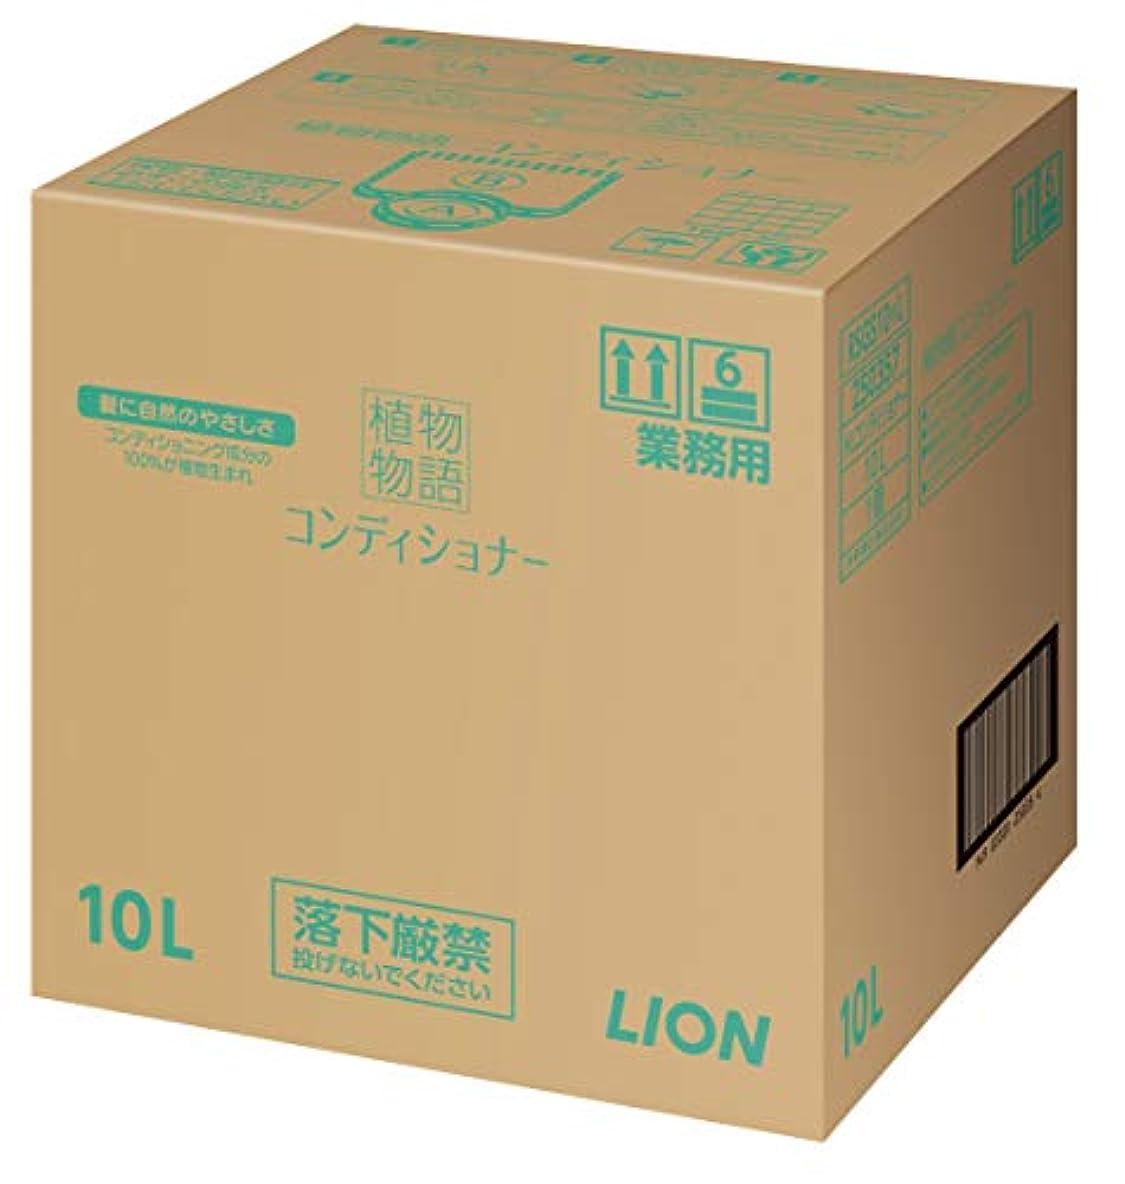 コカインあいまいトラフィック【大容量】植物物語コンディショナー10L